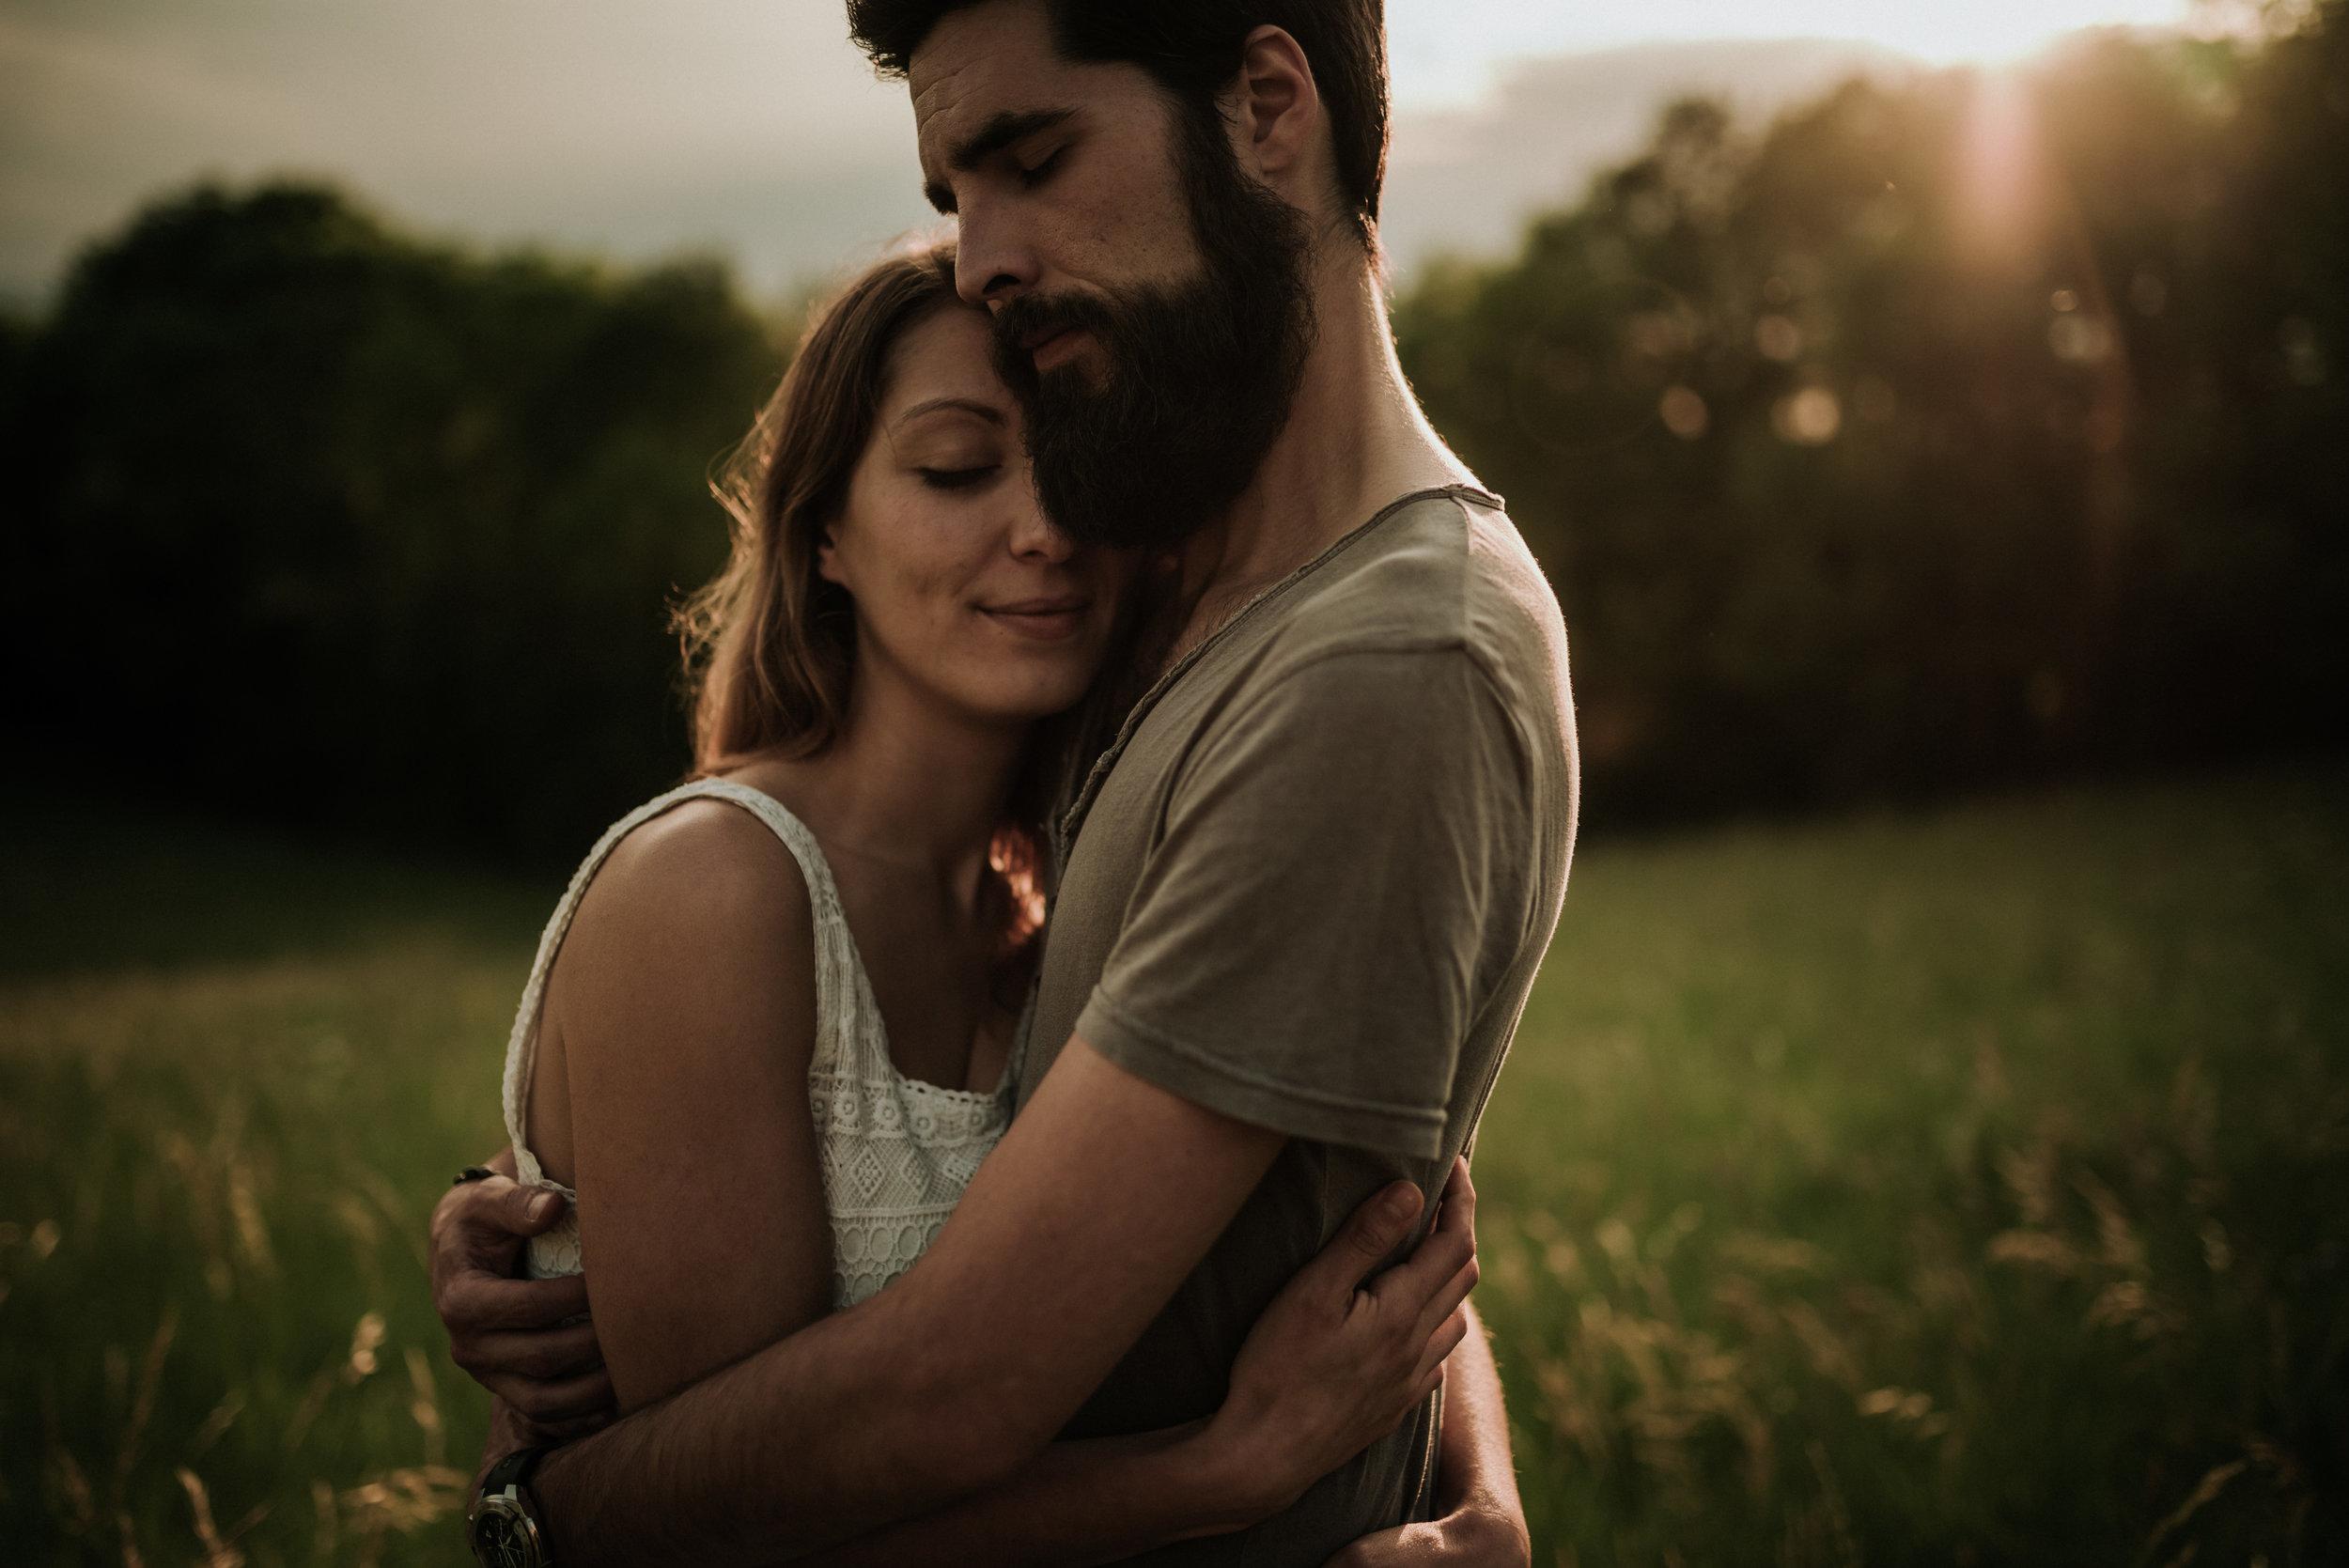 Léa-Fery-photographe-professionnel-lyon-rhone-alpes-portrait-creation-mariage-evenement-evenementiel-famille-0670.jpg